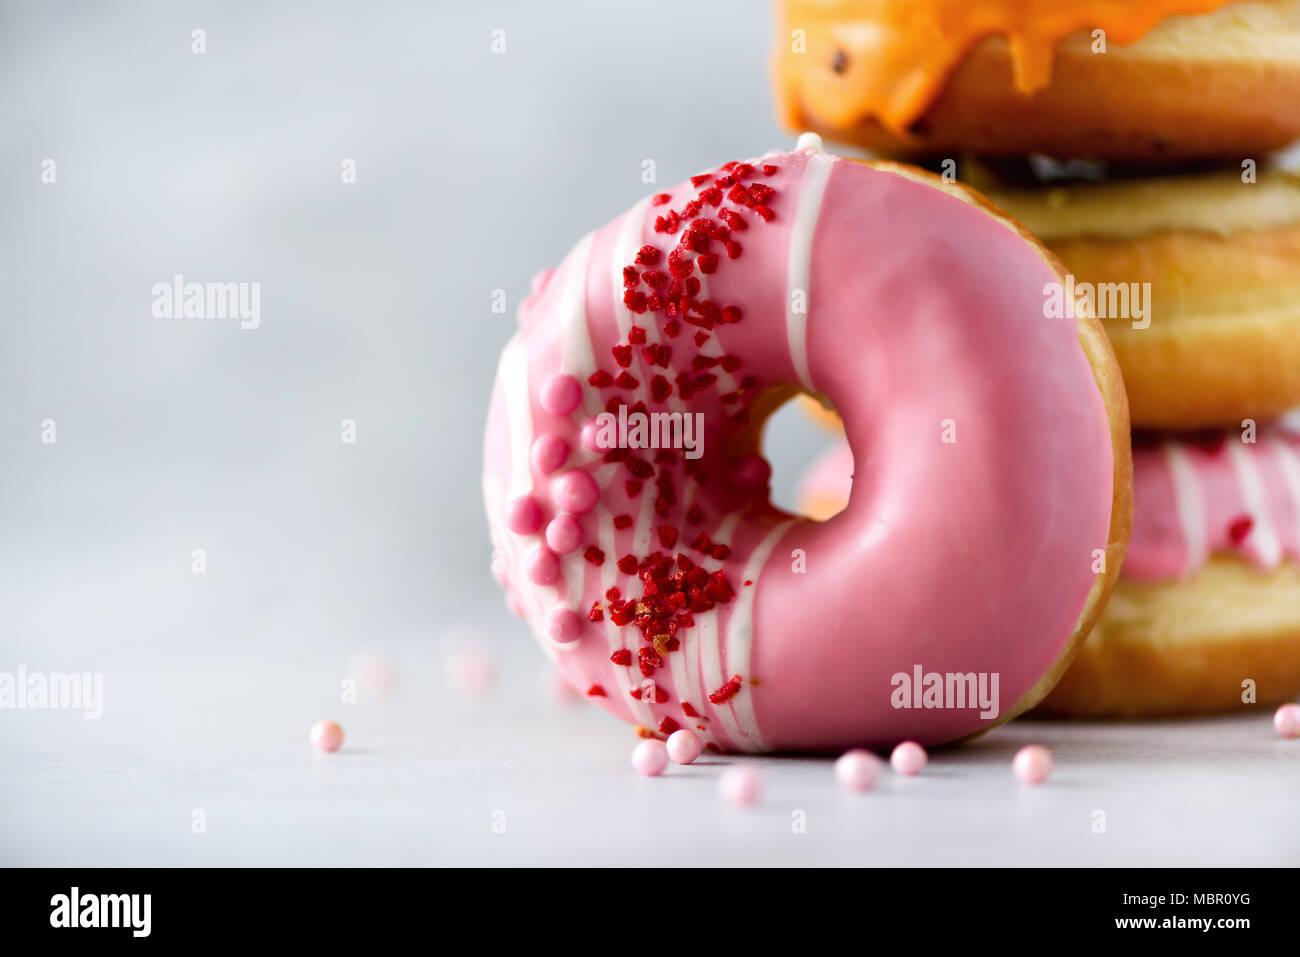 Stapel von Verglasten bunt sortierte Donuts mit Streuseln auf grauem Zement Hintergrund. Kopieren Sie Platz. Süße Krapfen für Kinder Stockbild